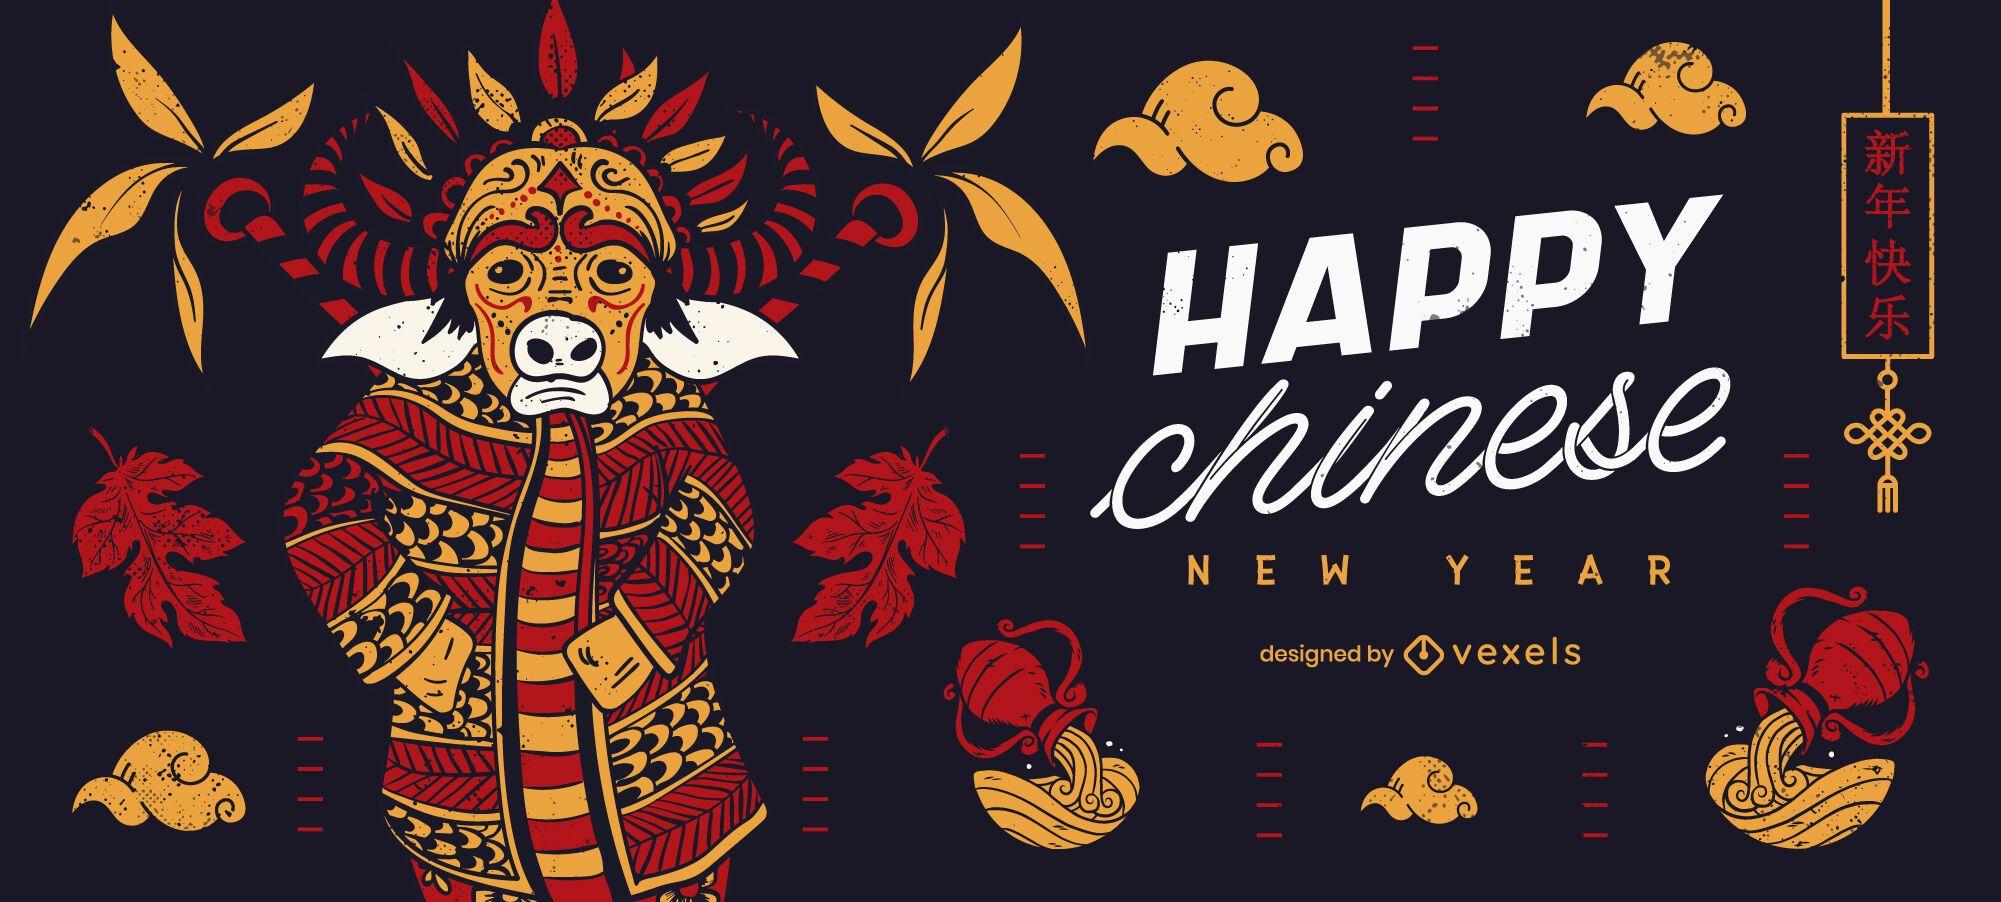 Chinese new year slider design